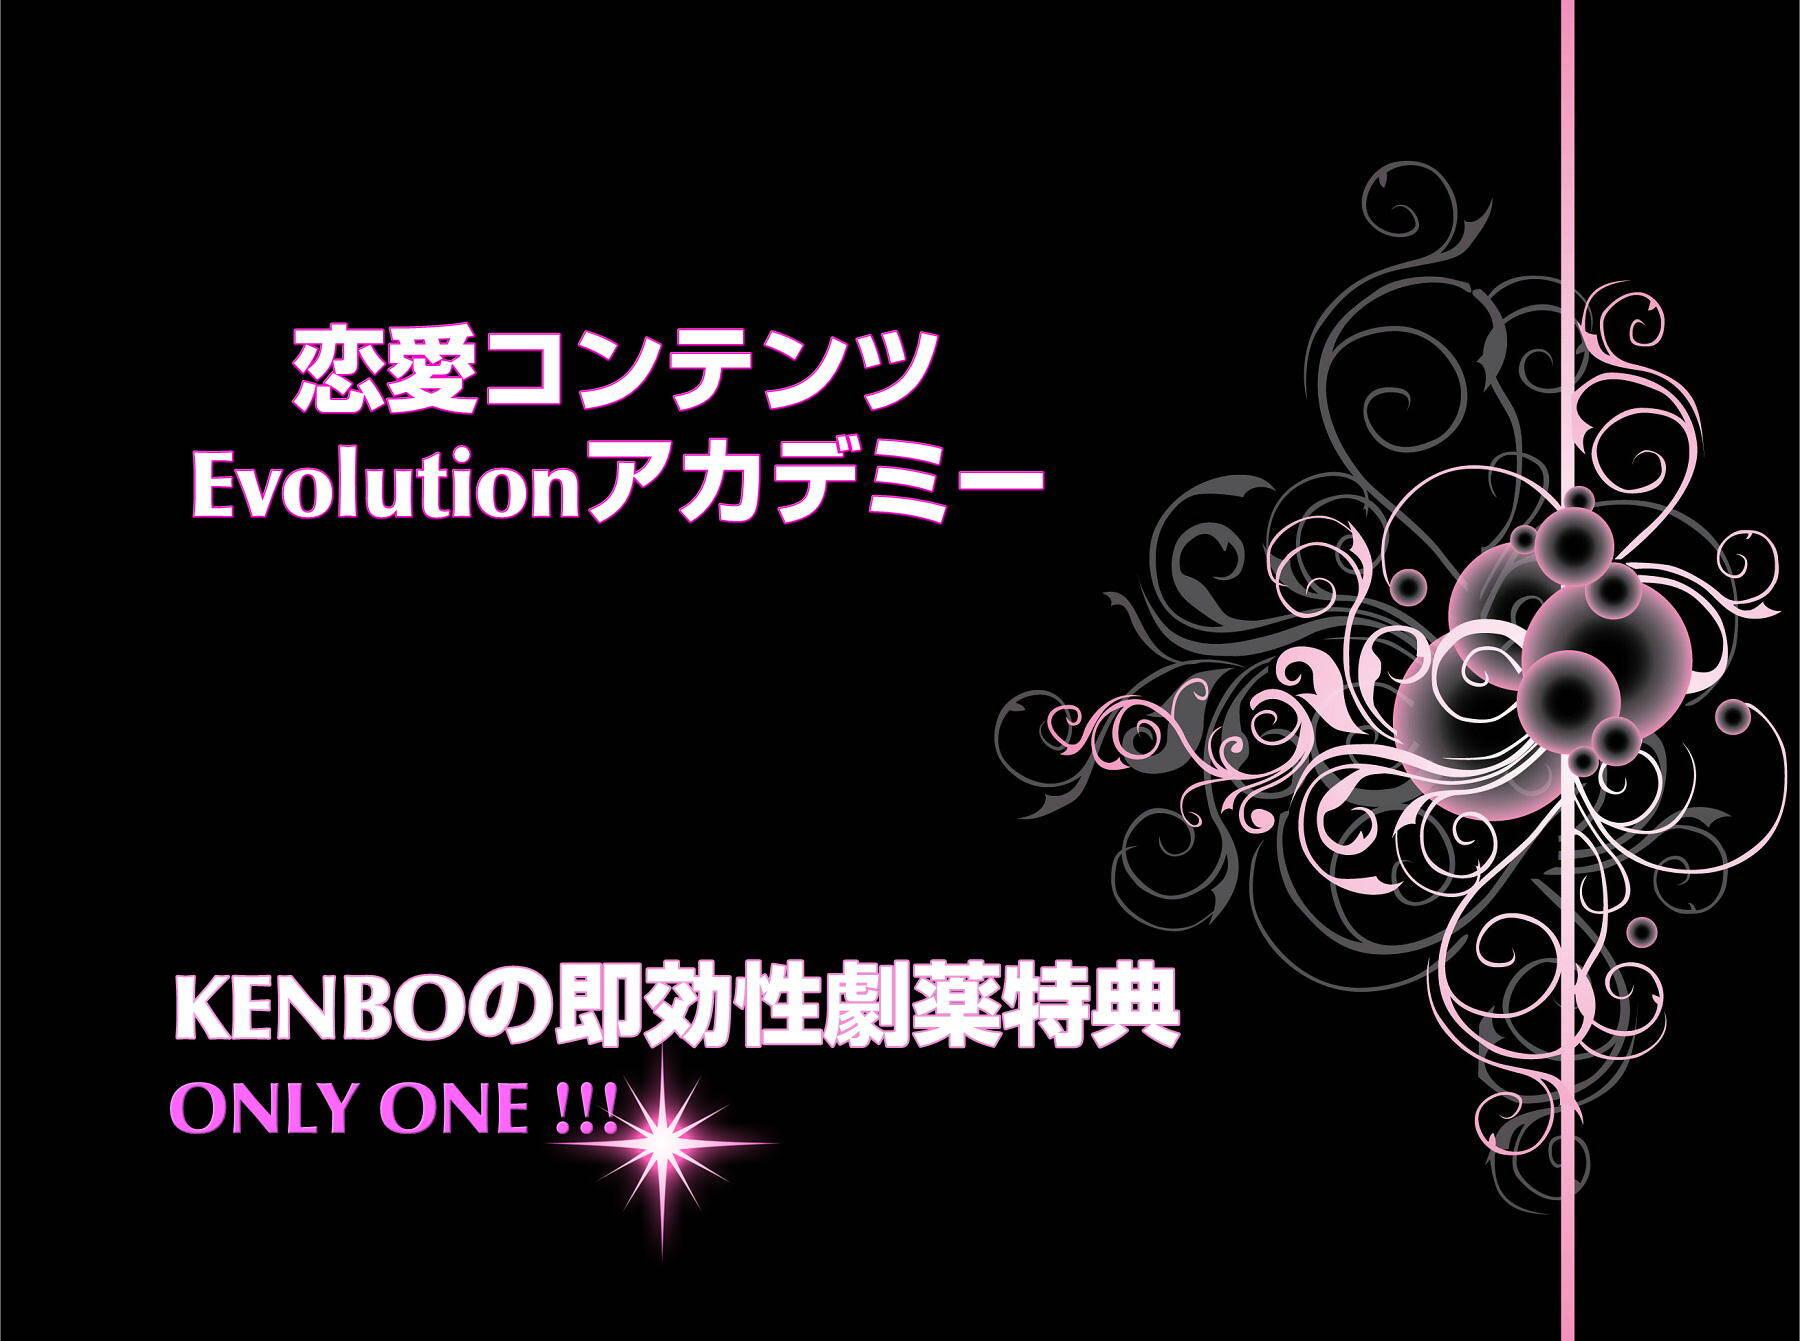 恋愛コンテンツEVOLUTIONアカデミー with KENBOの即効性劇薬特典(ONLY ONE!)